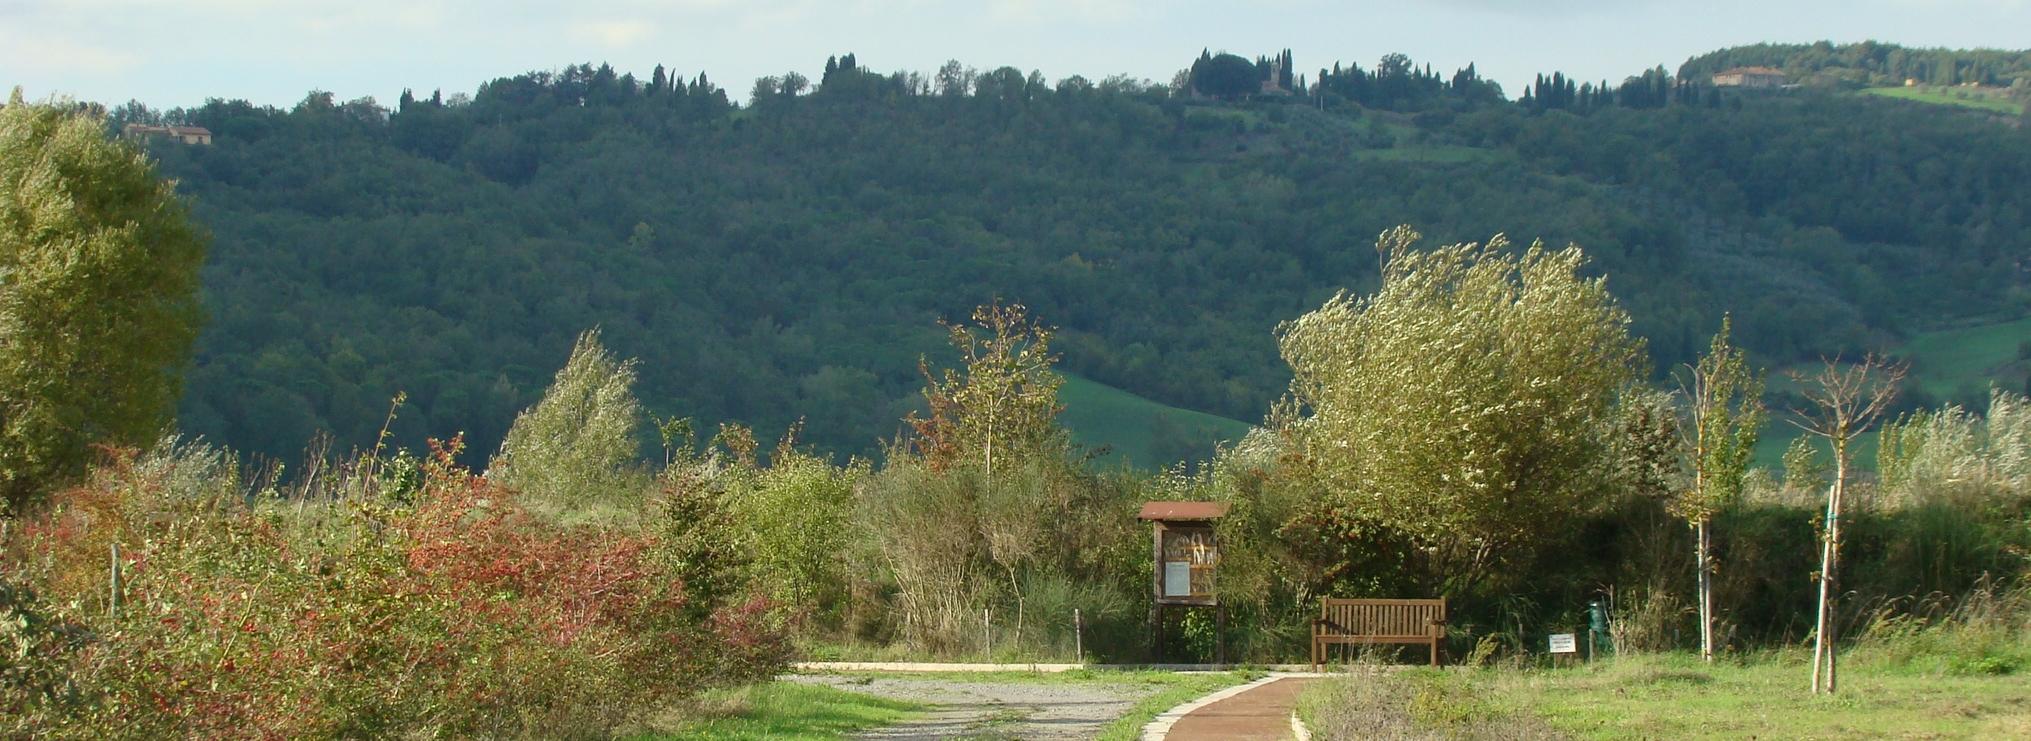 Panchina e pennario lungo il percorso naturalistico (di Giuliana Profeti)